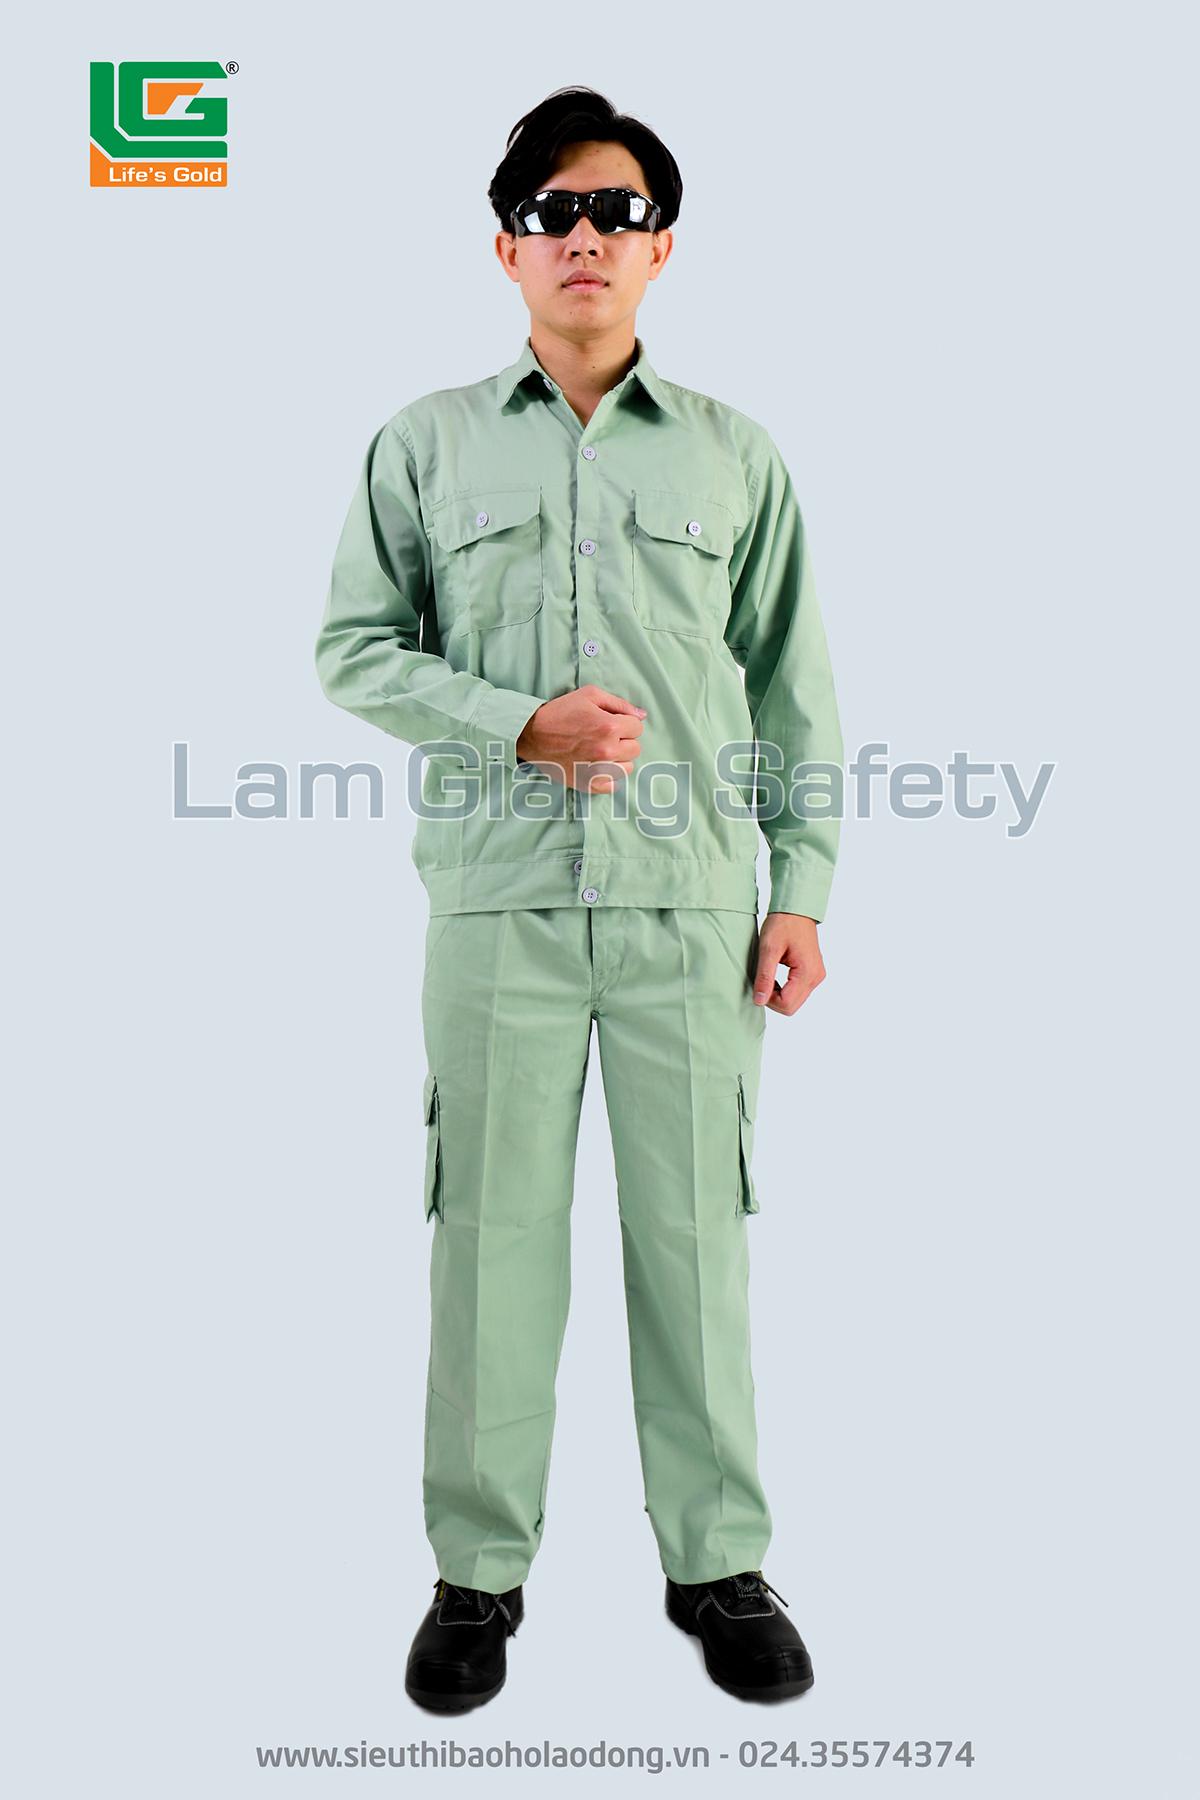 Quần áo vải kaki HQ màu ghi ánh xanh